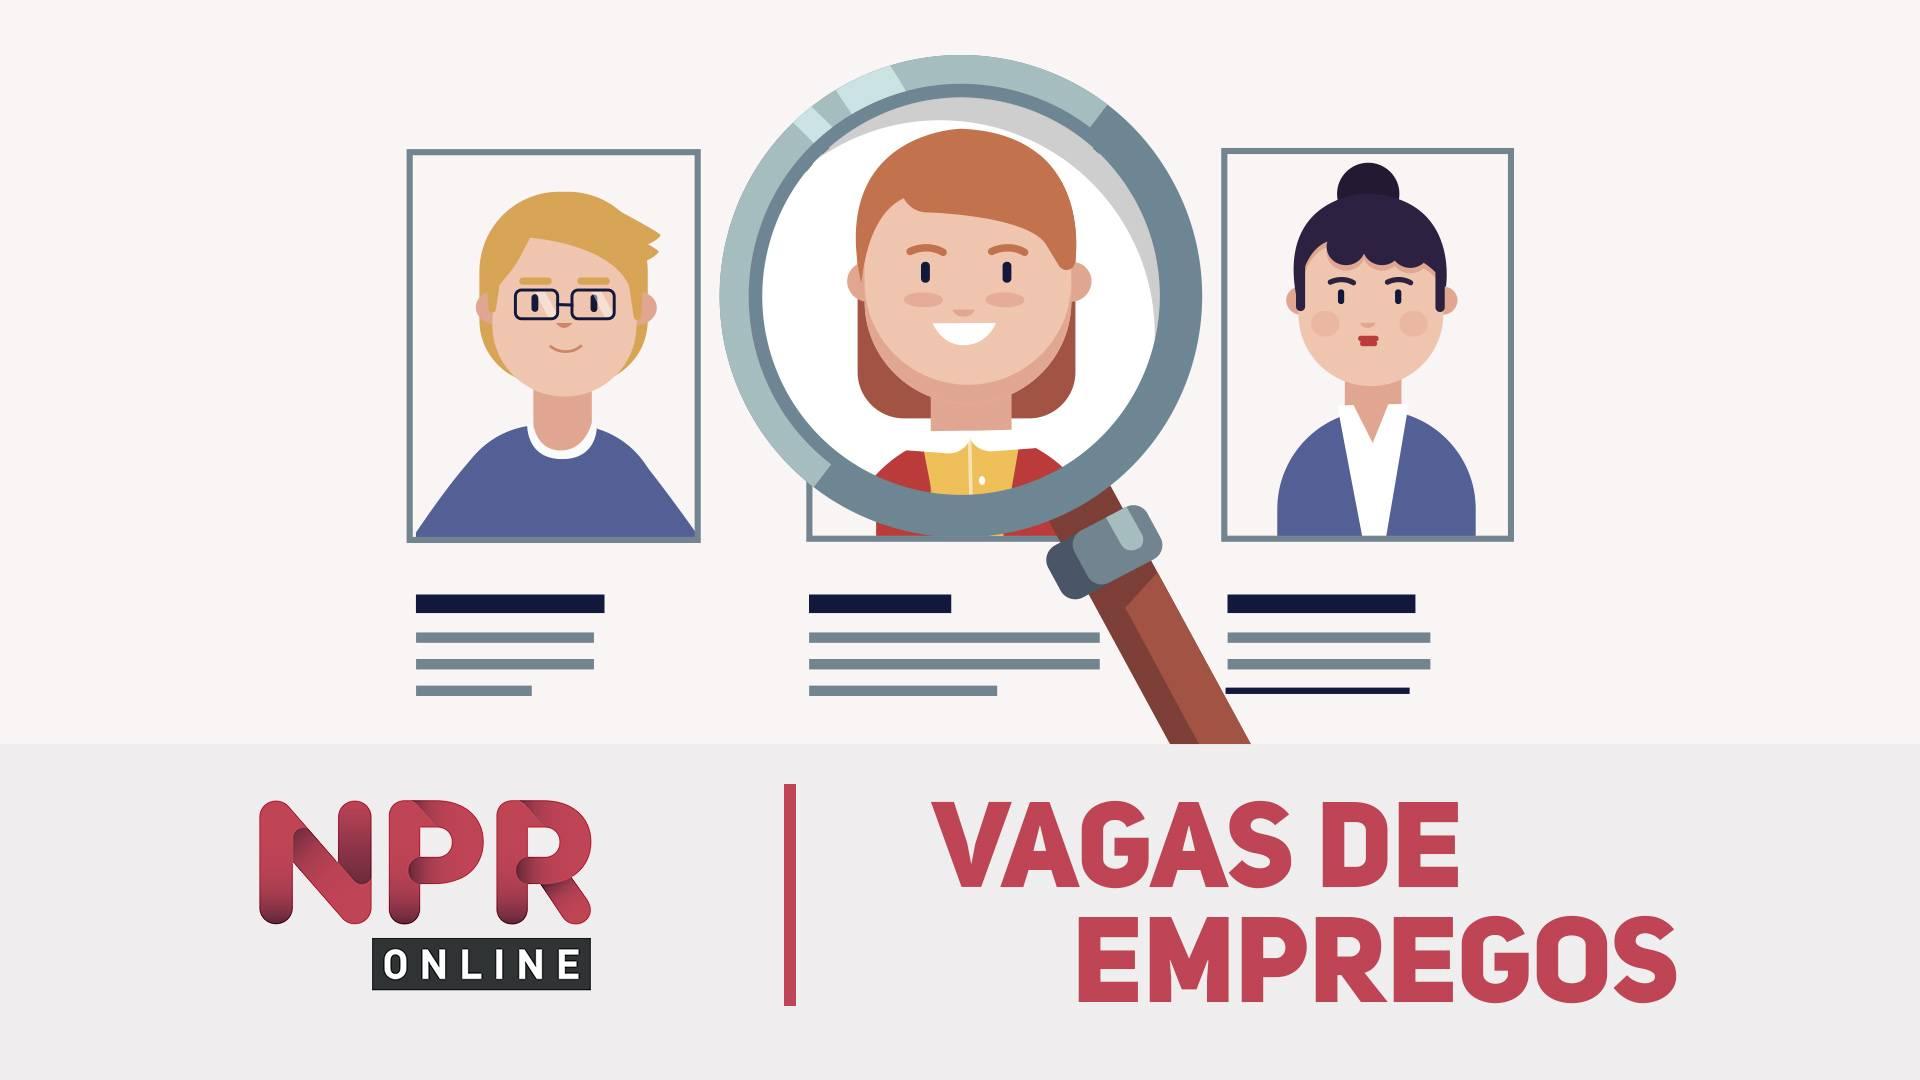 Vagas de Empregos: Veja as principais oportunidades disponíveis nesta quinta-feira (14)